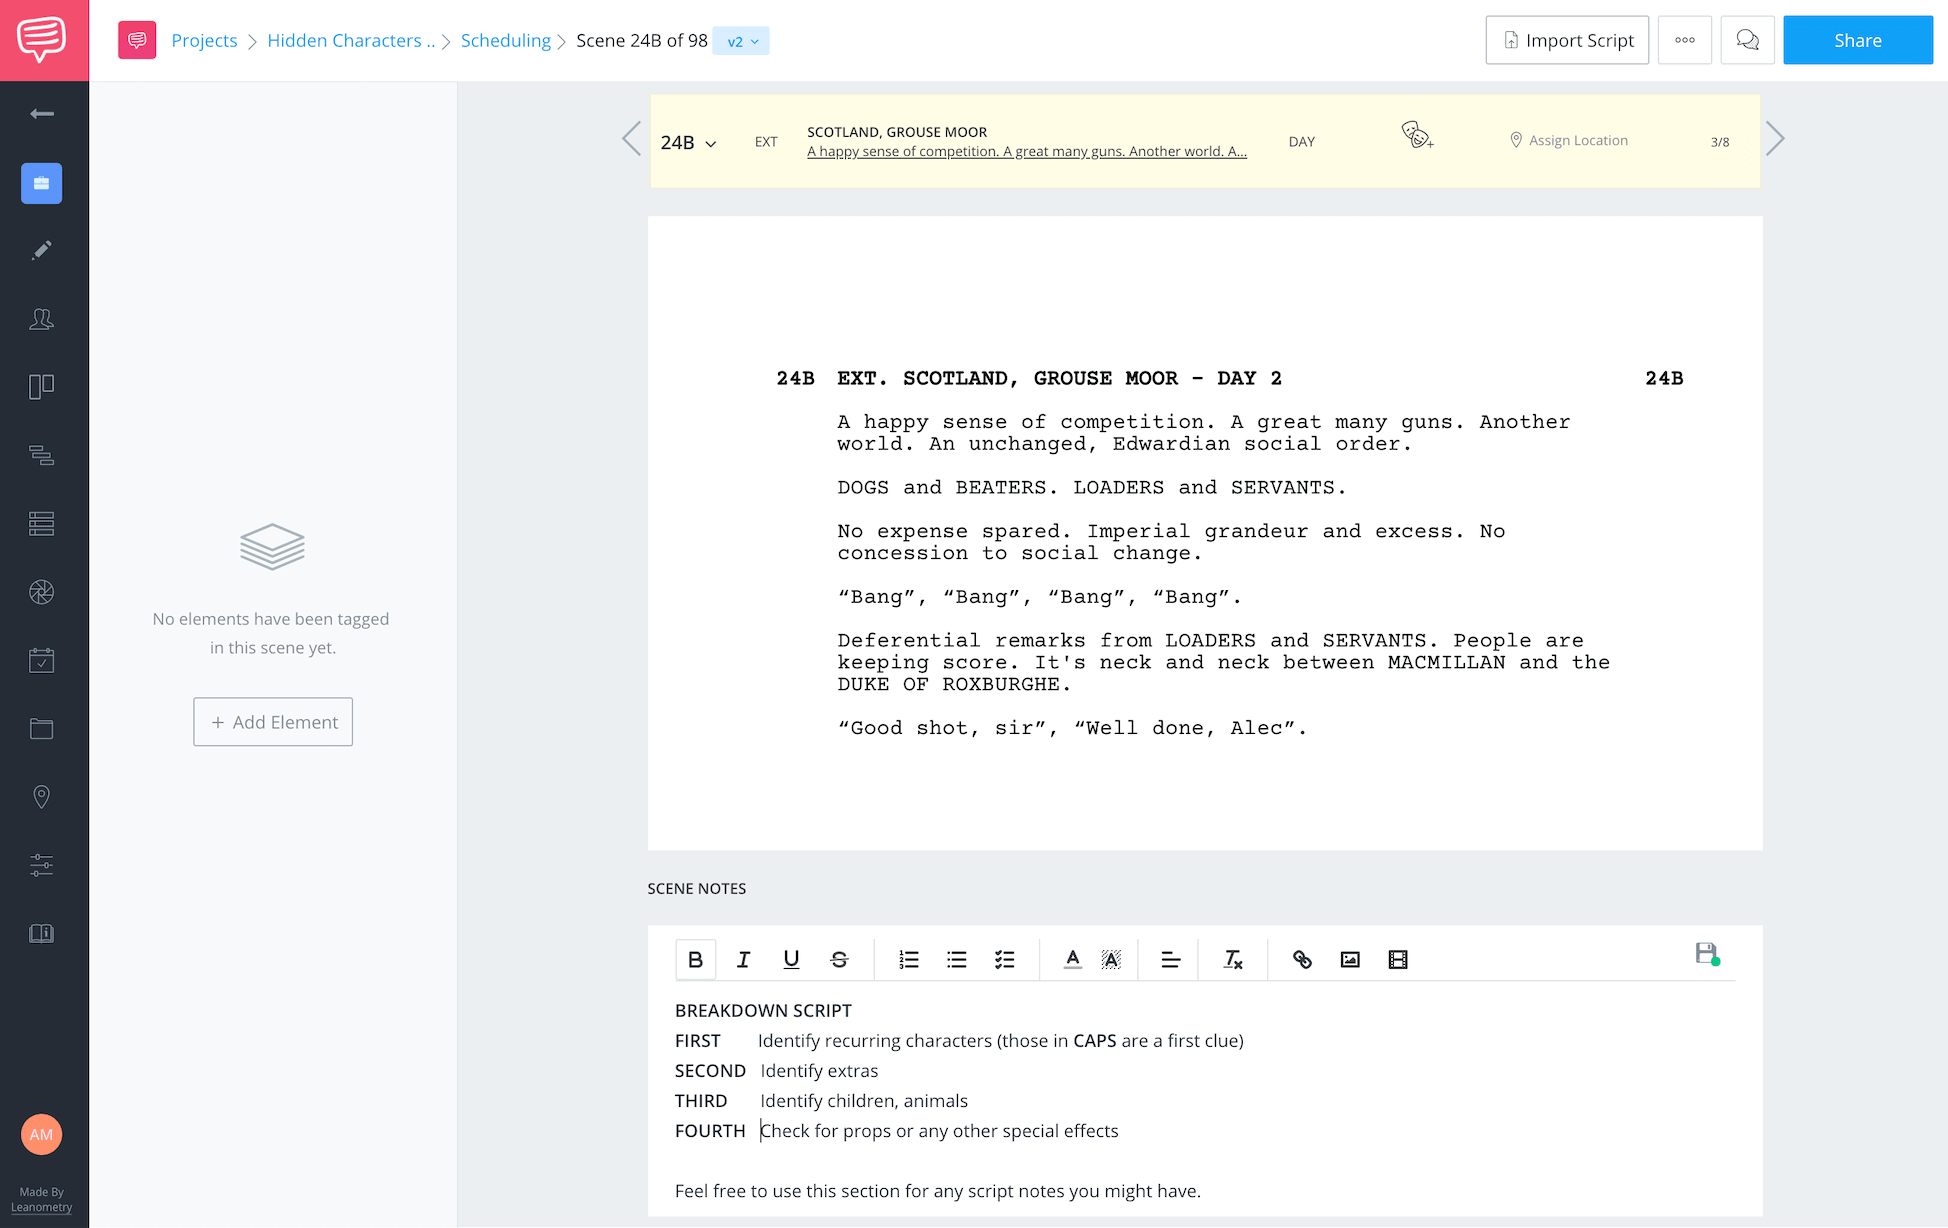 Hidden Characters Script Breakdown Initial